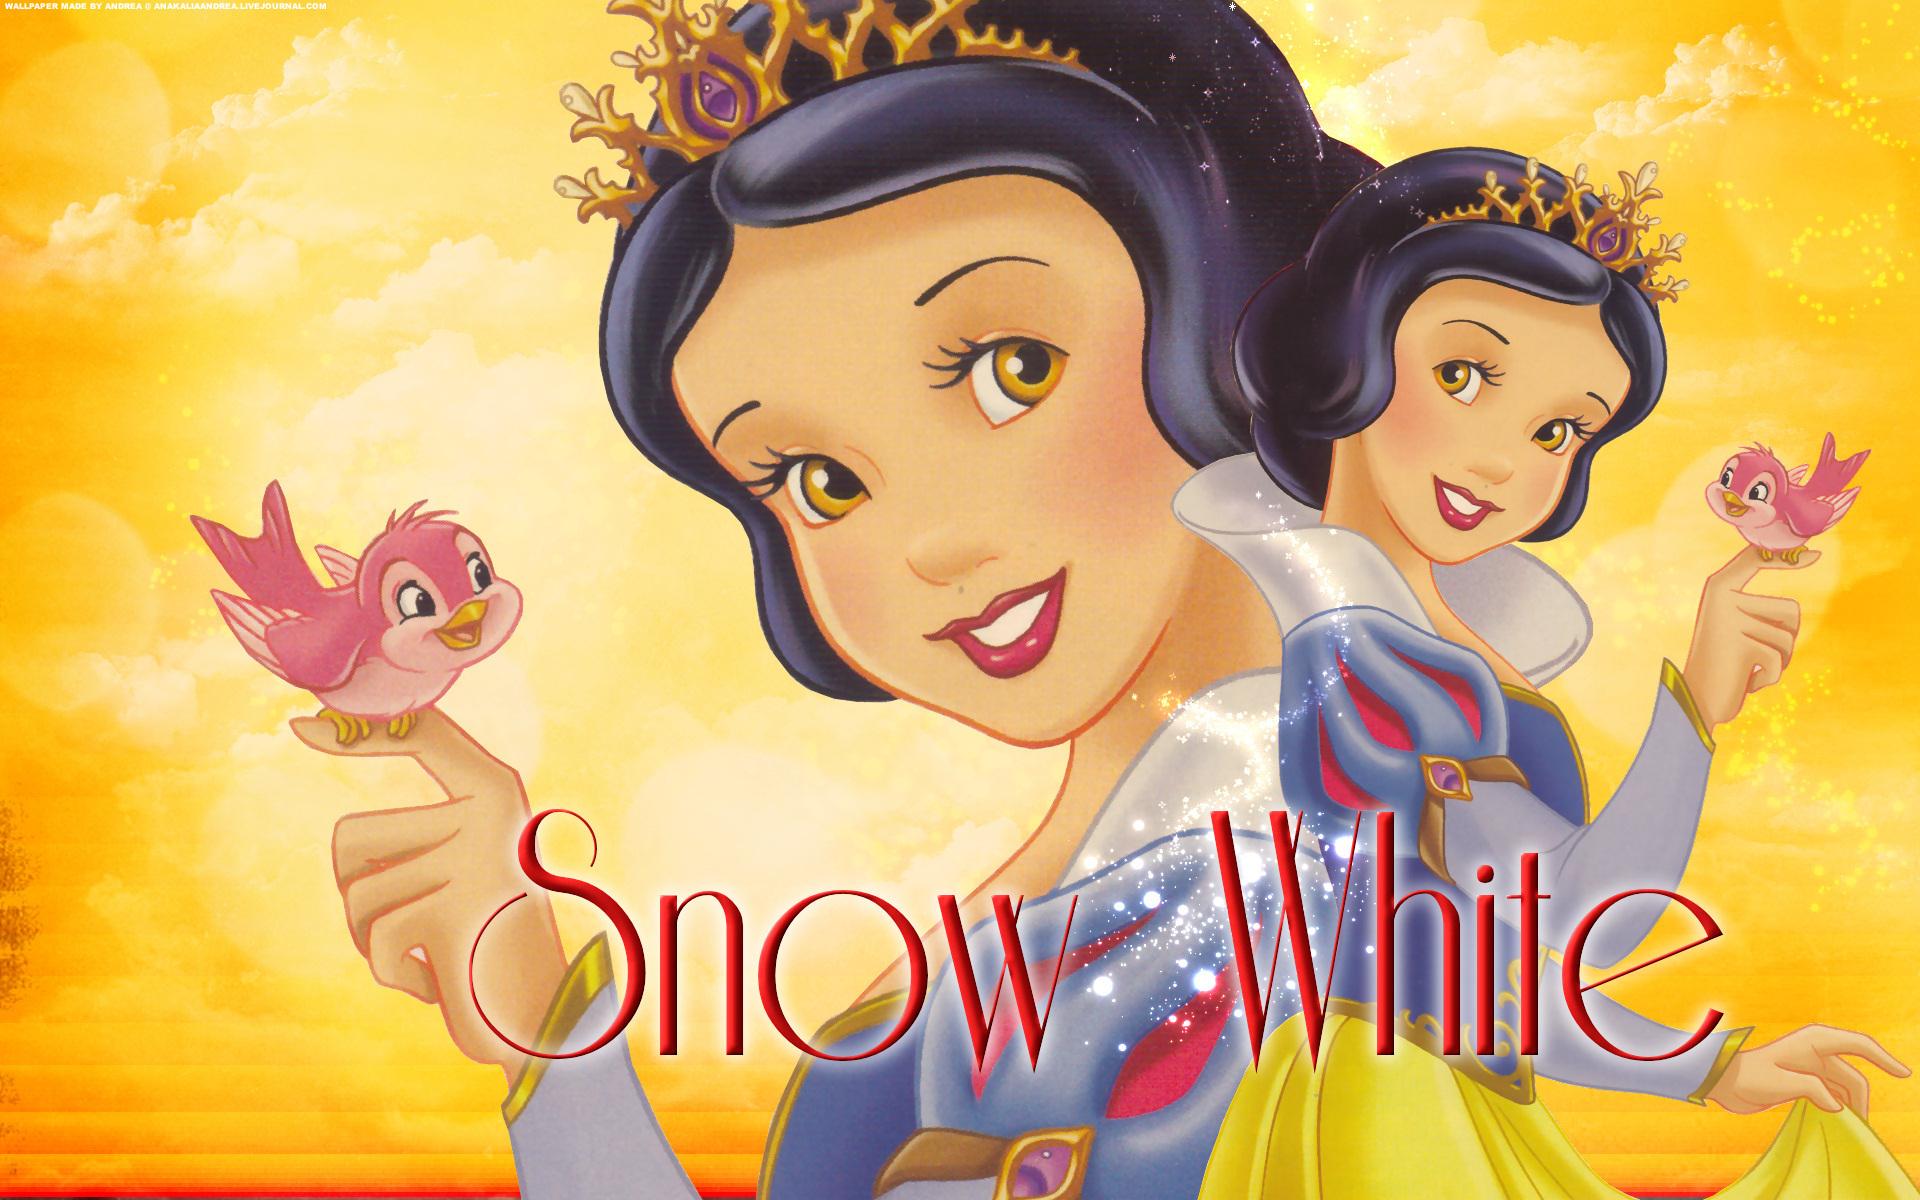 Disney Princesses Images Princess Snow White